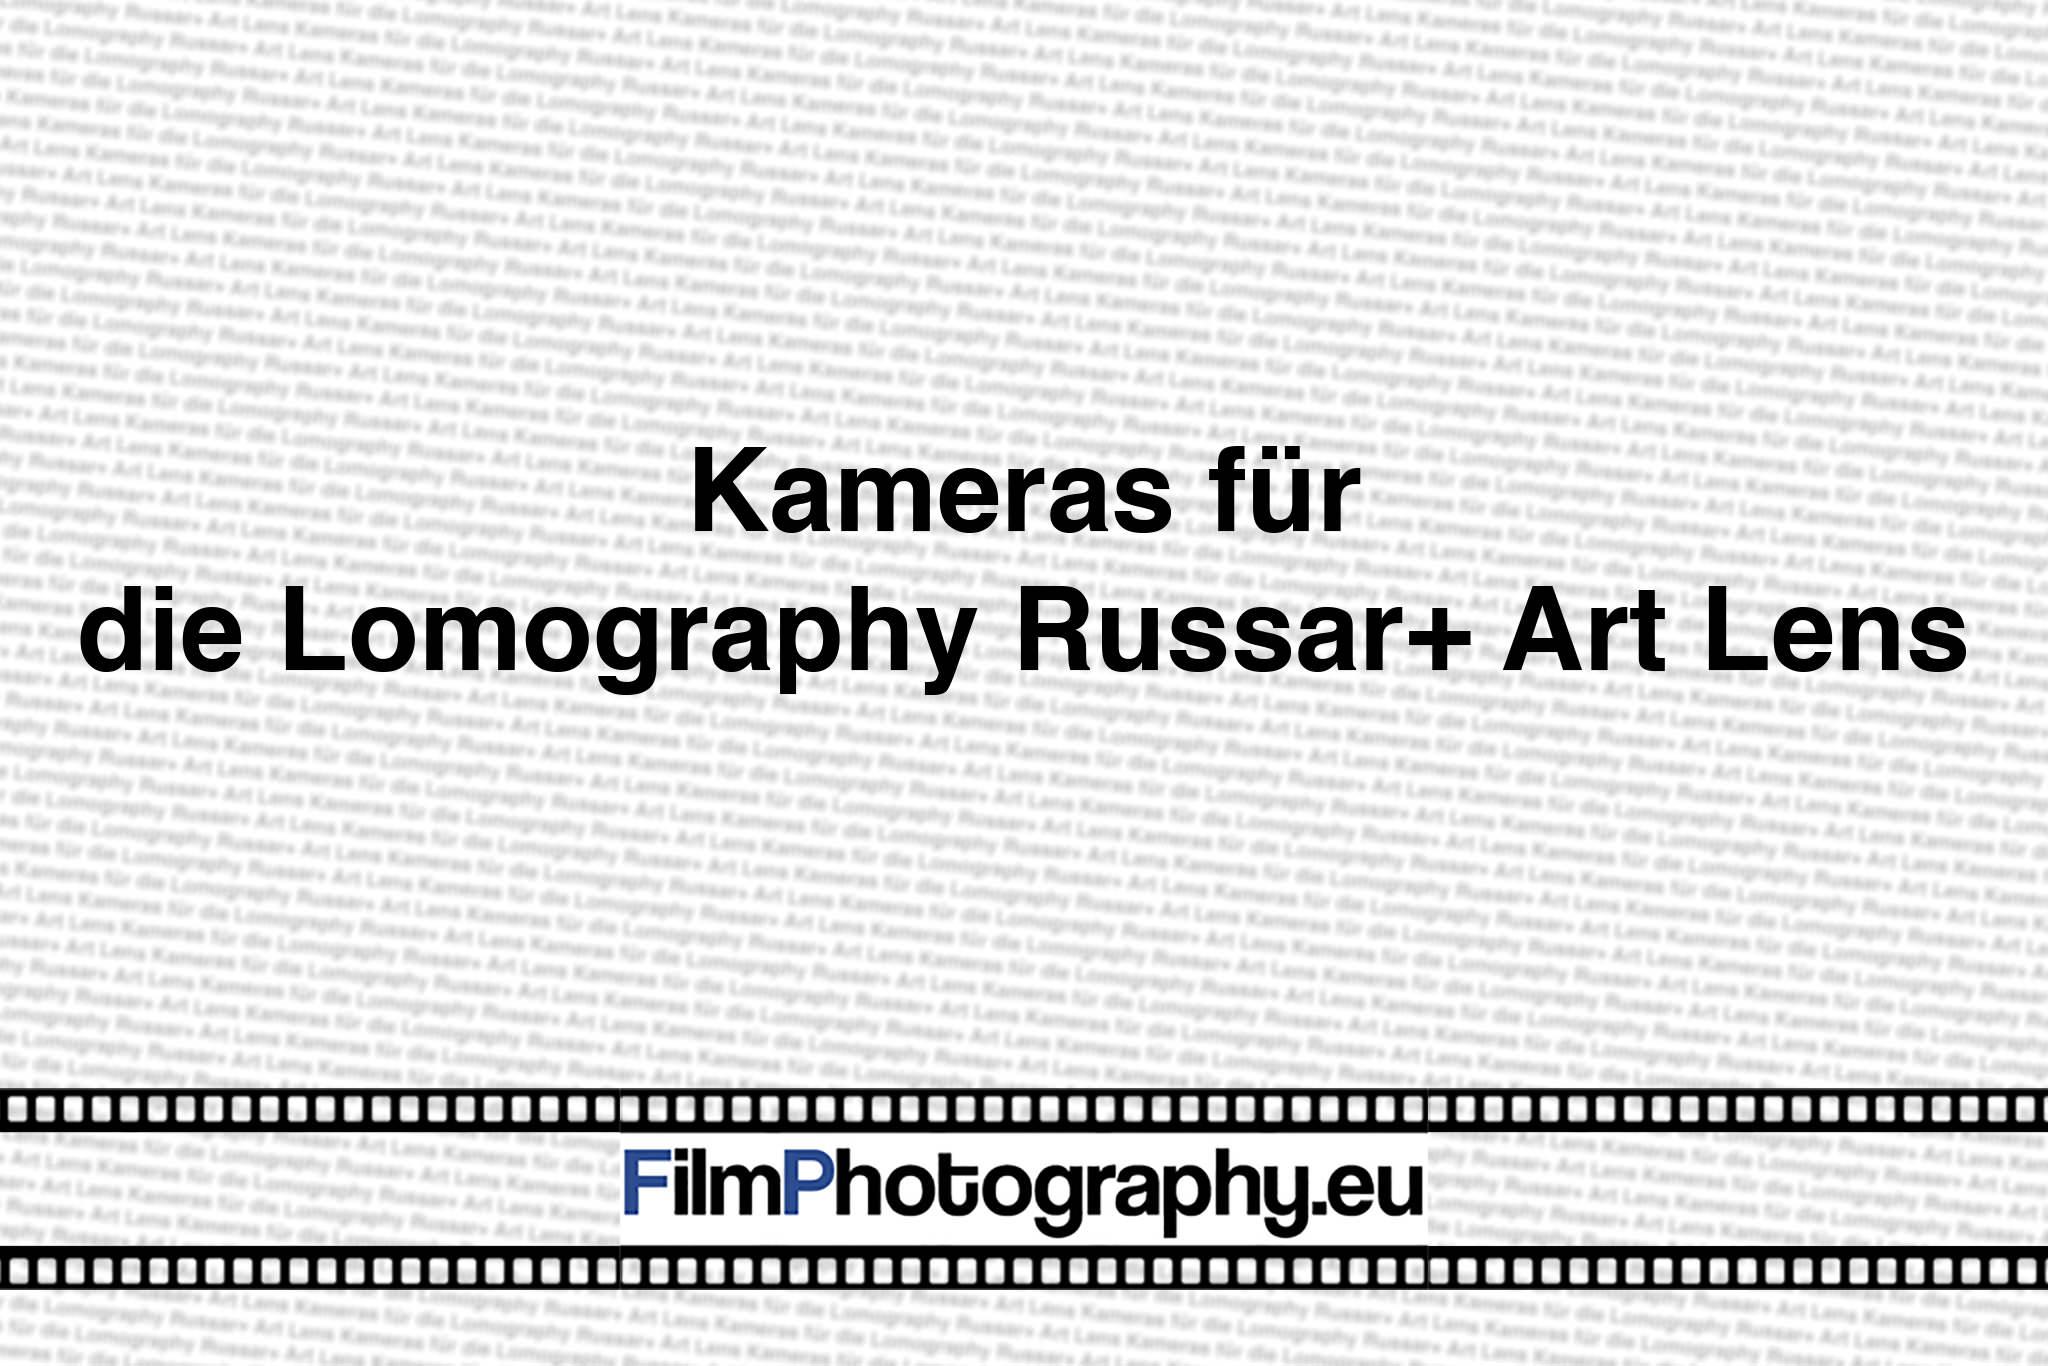 Kameras für die Lomography Russar+ Art Lens